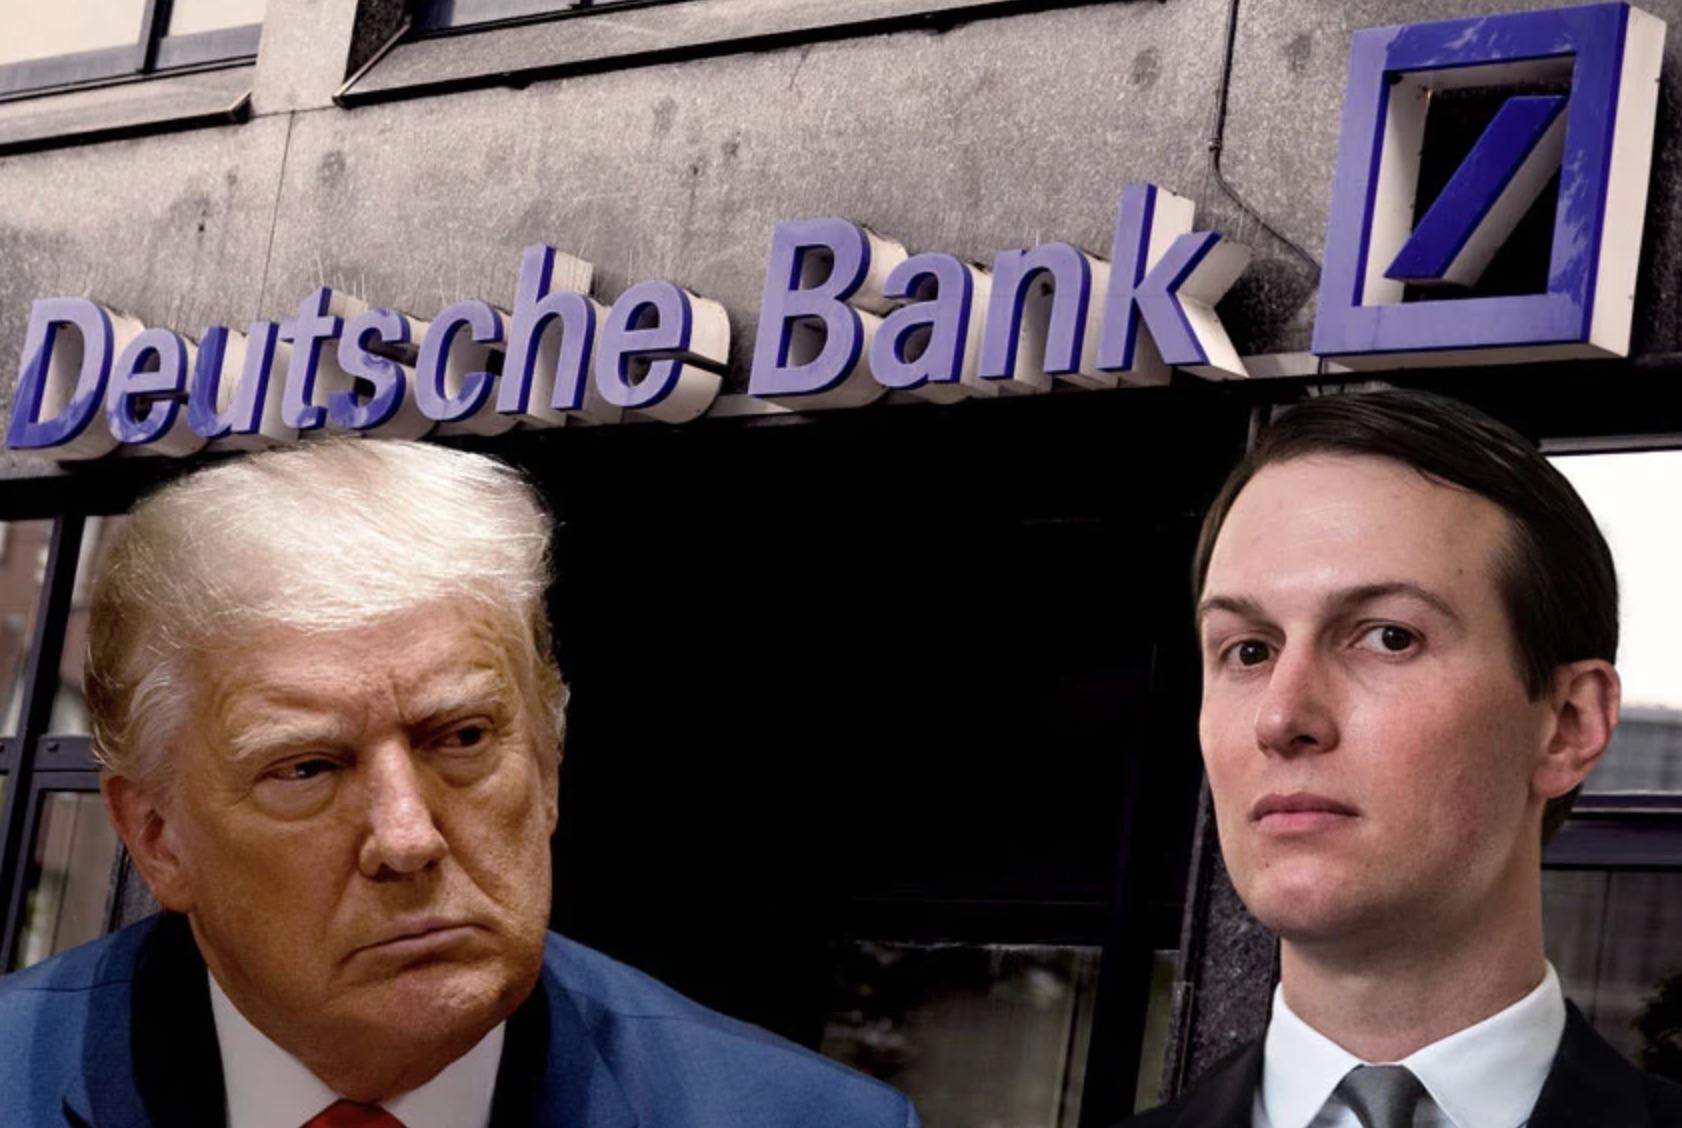 donald-trump-deutsche-bank-jared-kushner.jpg